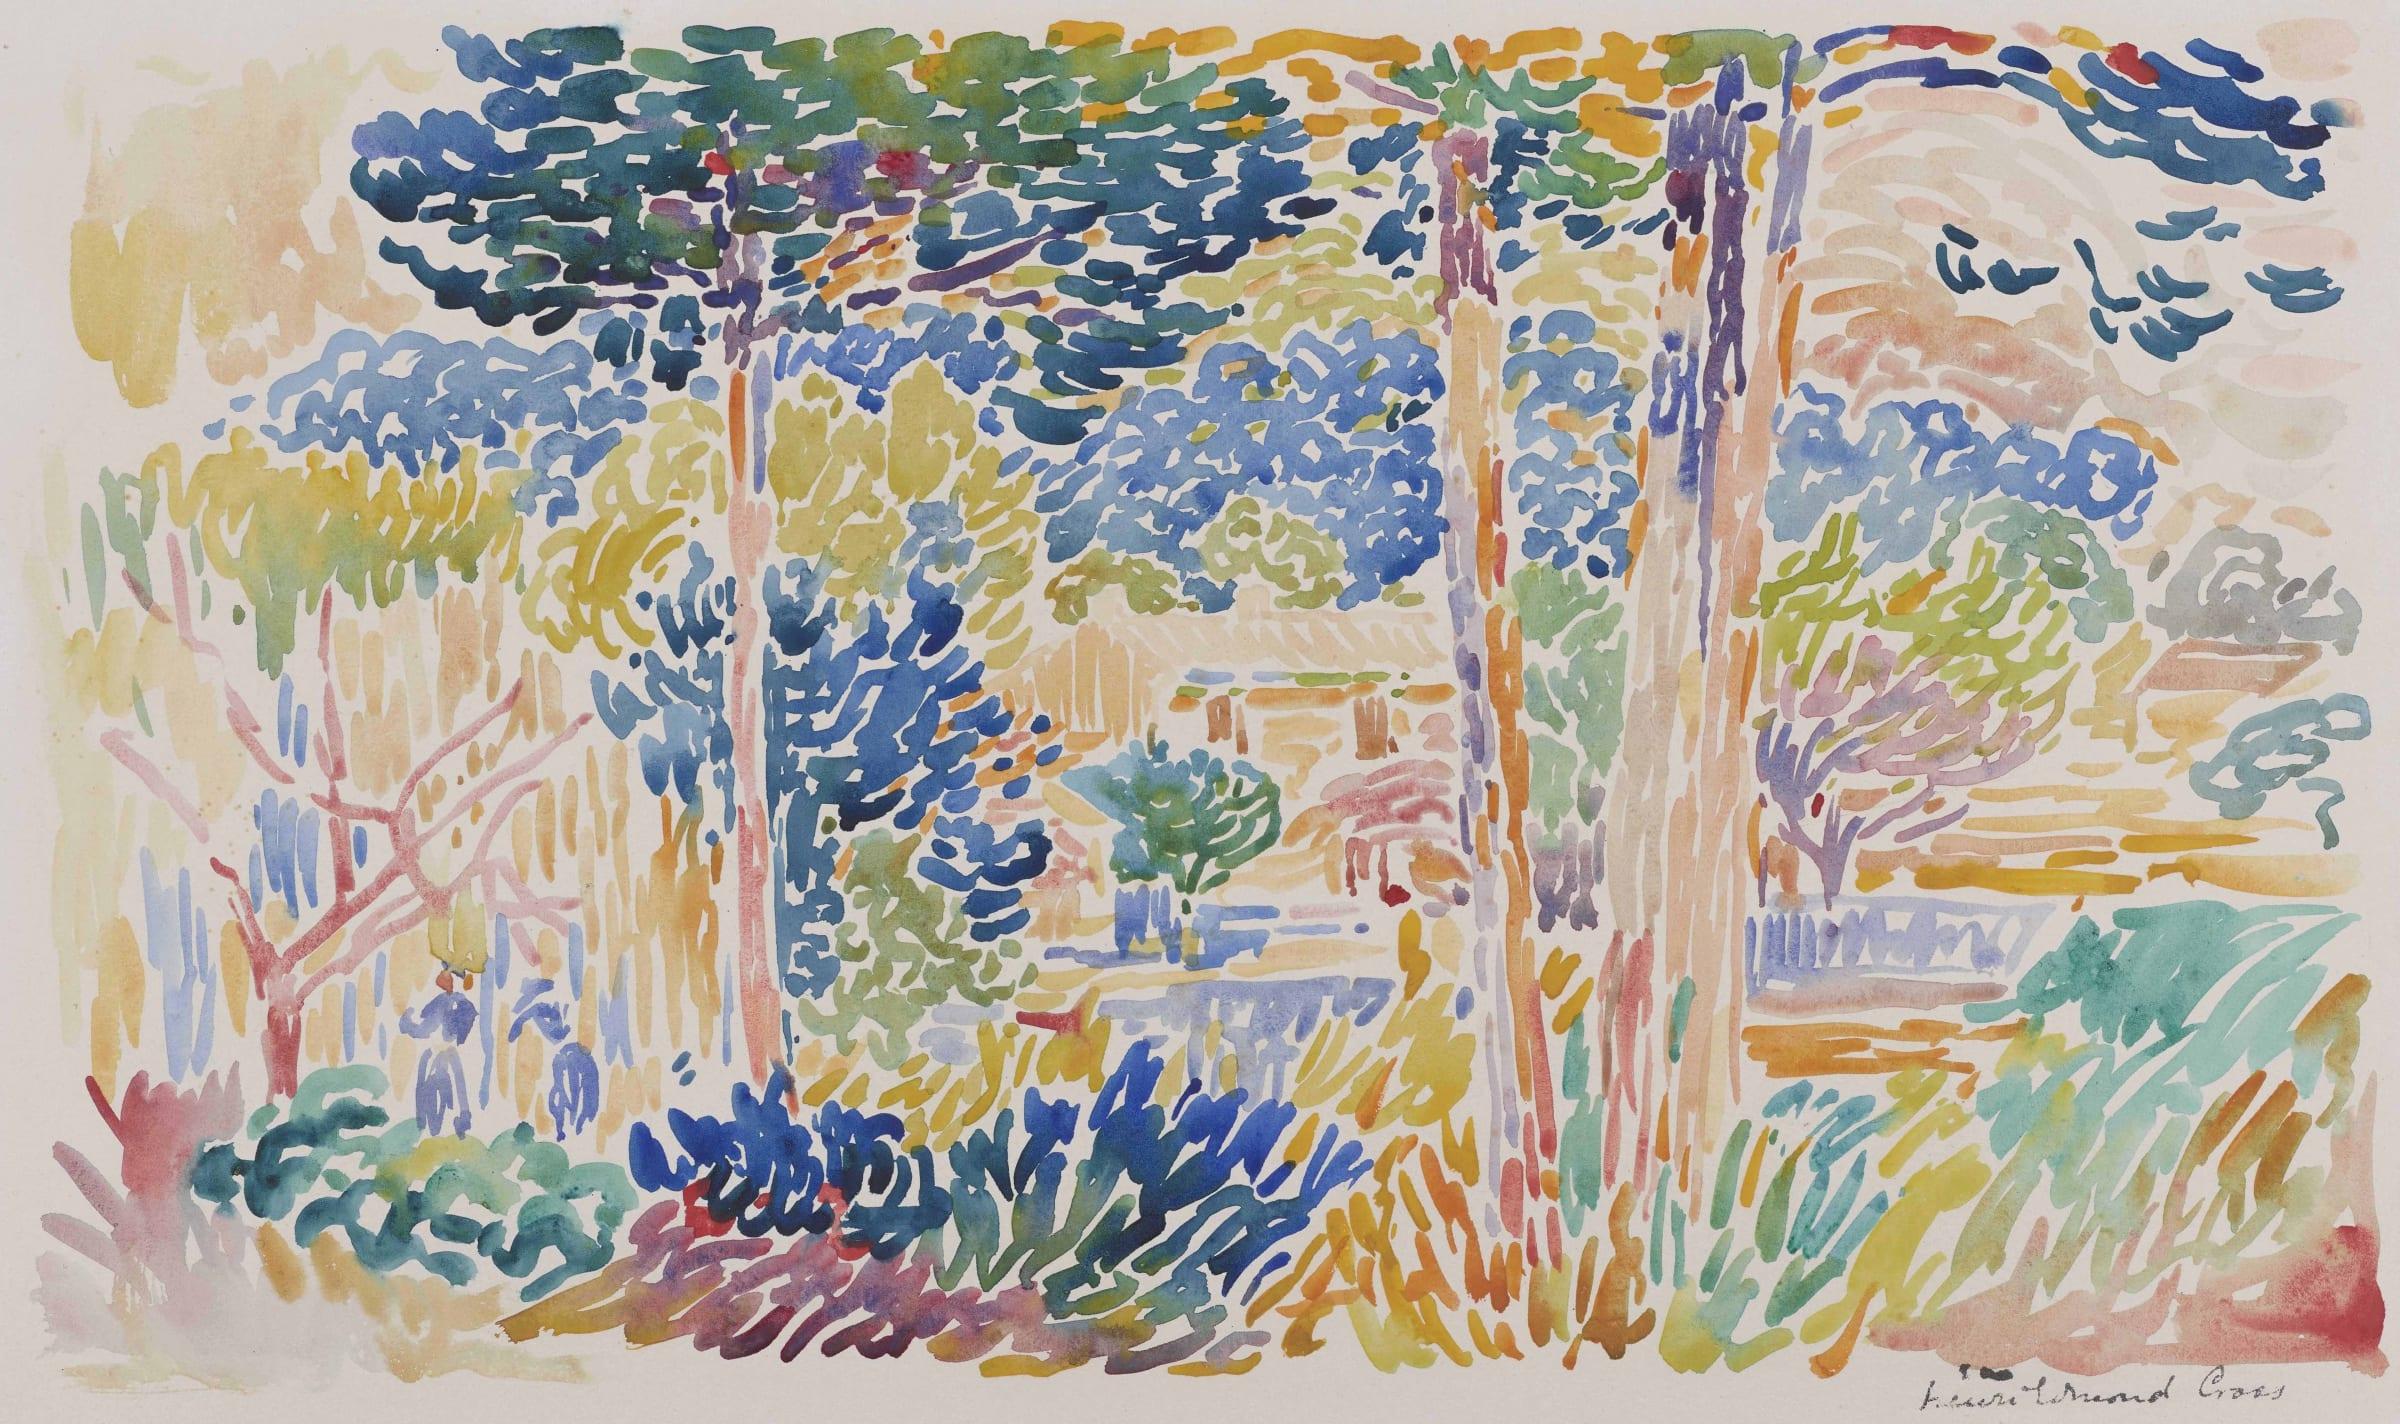 <span class=&#34;link fancybox-details-link&#34;><a href=&#34;/artists/33-henri-edmond-cross/works/9382-henri-edmond-cross-pins-au-bord-de-la-m-diterran-e-c.a-1905/&#34;>View Detail Page</a></span><div class=&#34;artist&#34;><span class=&#34;artist&#34;><strong>Henri-Edmond Cross</strong></span></div><div class=&#34;title&#34;><em>Pins au bord de la Méditerranée</em>, c.a 1905</div><div class=&#34;signed_and_dated&#34;>Signed lower right Henri Edmond Cross</div><div class=&#34;medium&#34;>Watercolour</div><div class=&#34;dimensions&#34;>29.5 x 43.5 cm<br /> 11 5/8 x 17 1/8 inches</div>